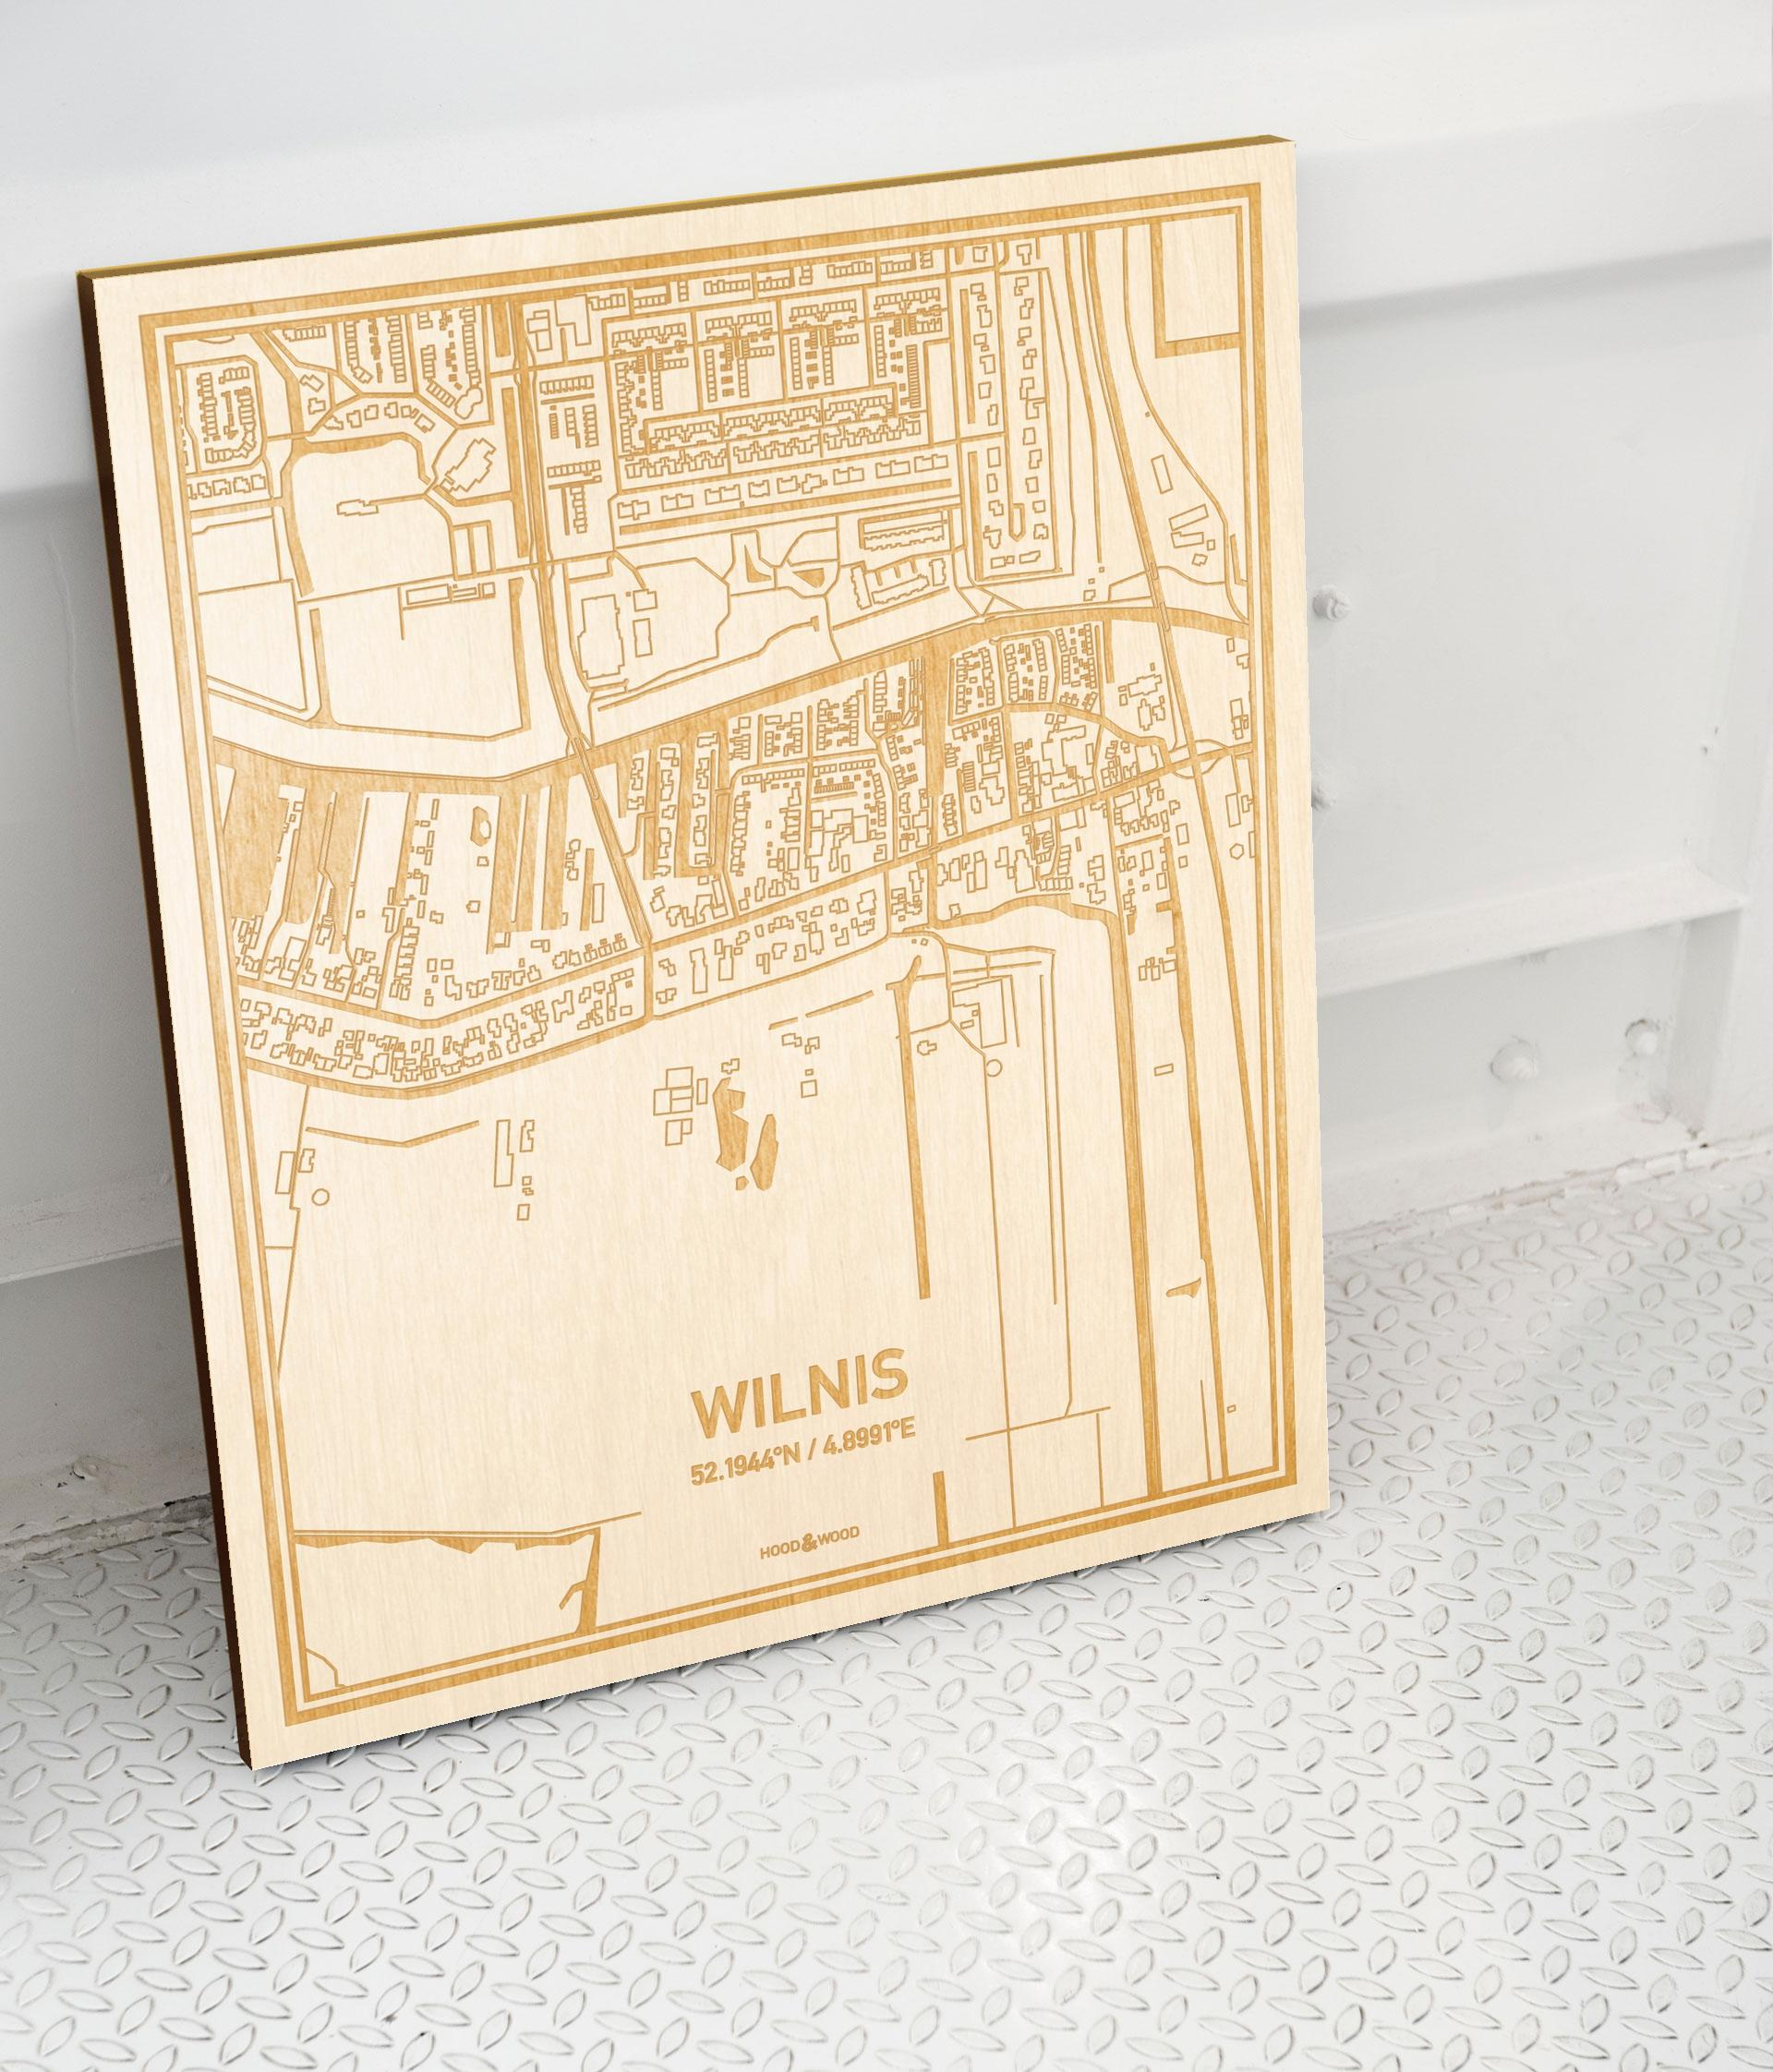 Plattegrond Wilnis als prachtige houten wanddecoratie. Het warme hout contrasteert mooi met de witte muur.